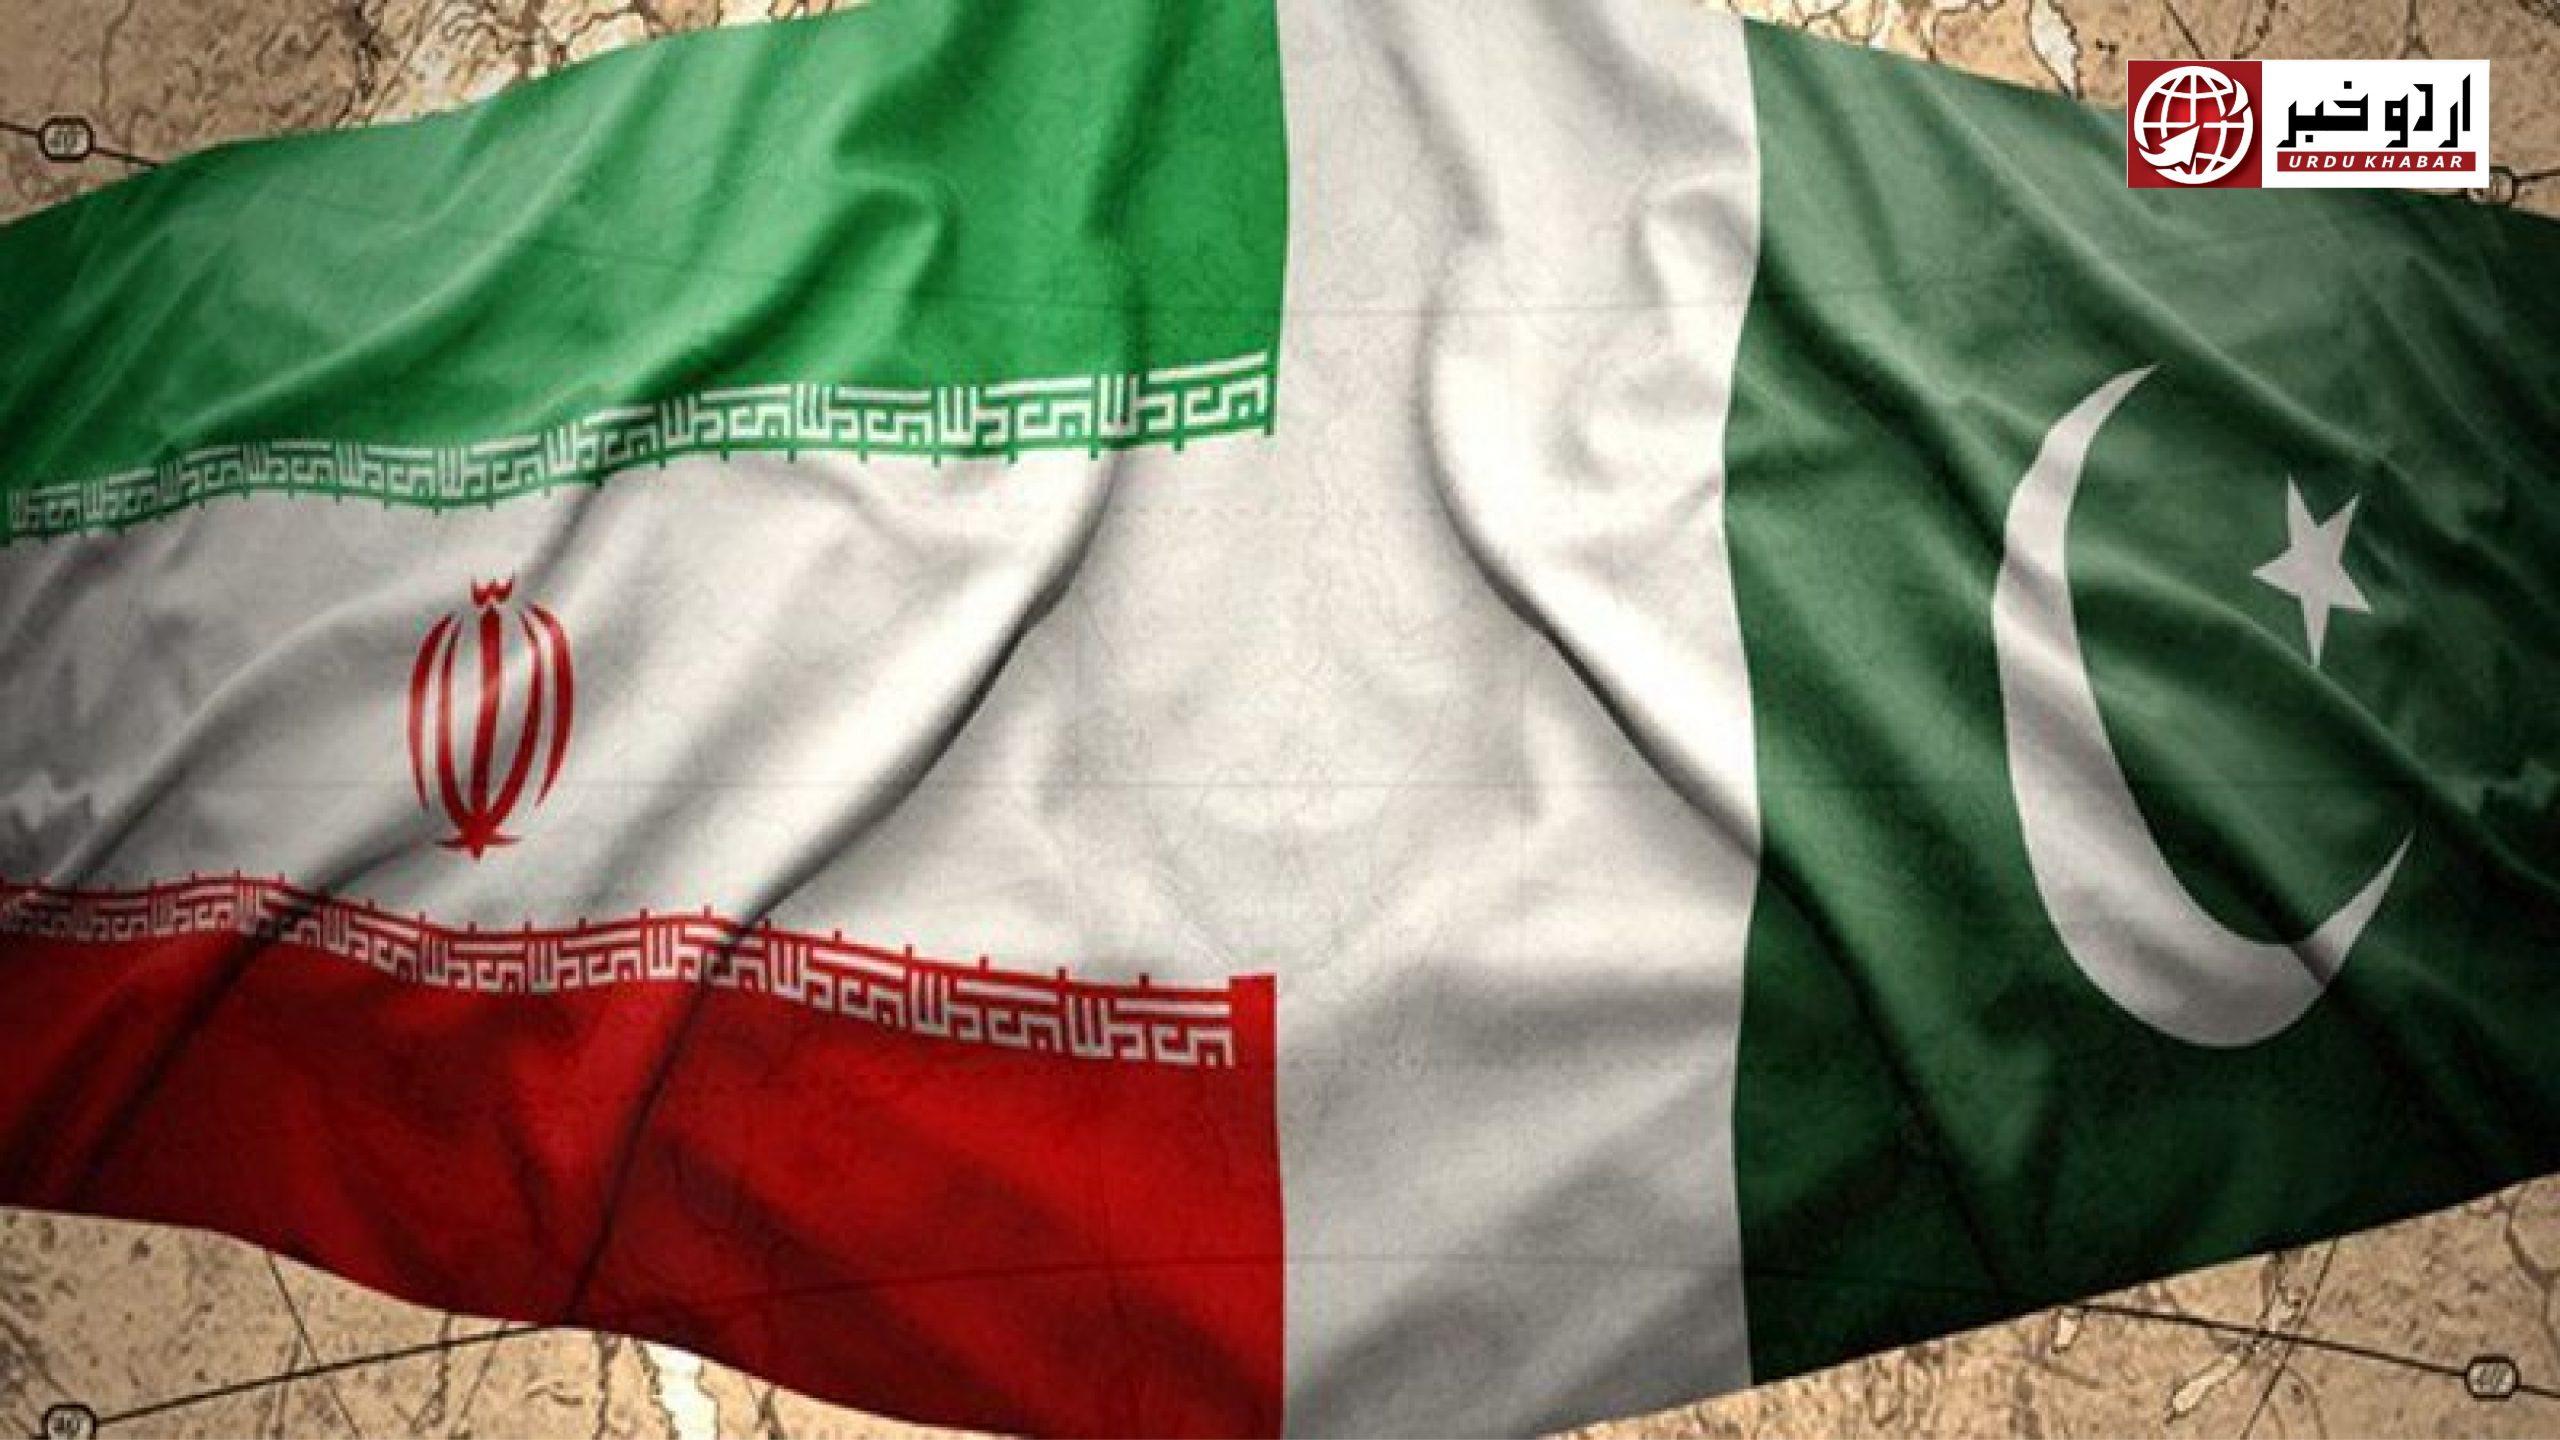 اسلاموفوبیا کے خاتمے اور علاقائی امن و استحکام کے لئے ایران اور پاکستان مشترکہ کوشش کریں گے